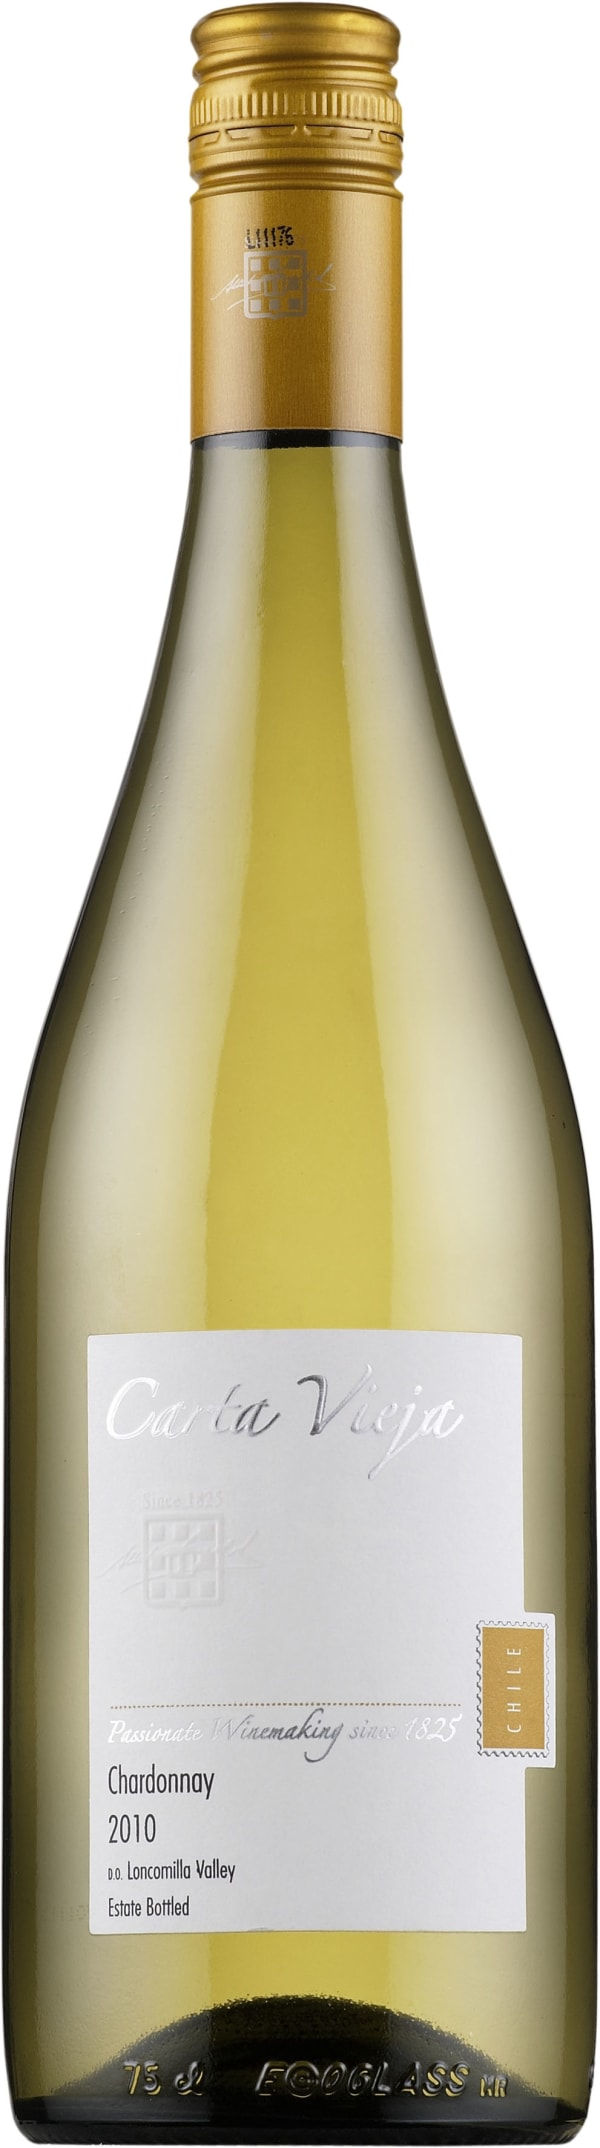 Carta Vieja Chardonnay 2014